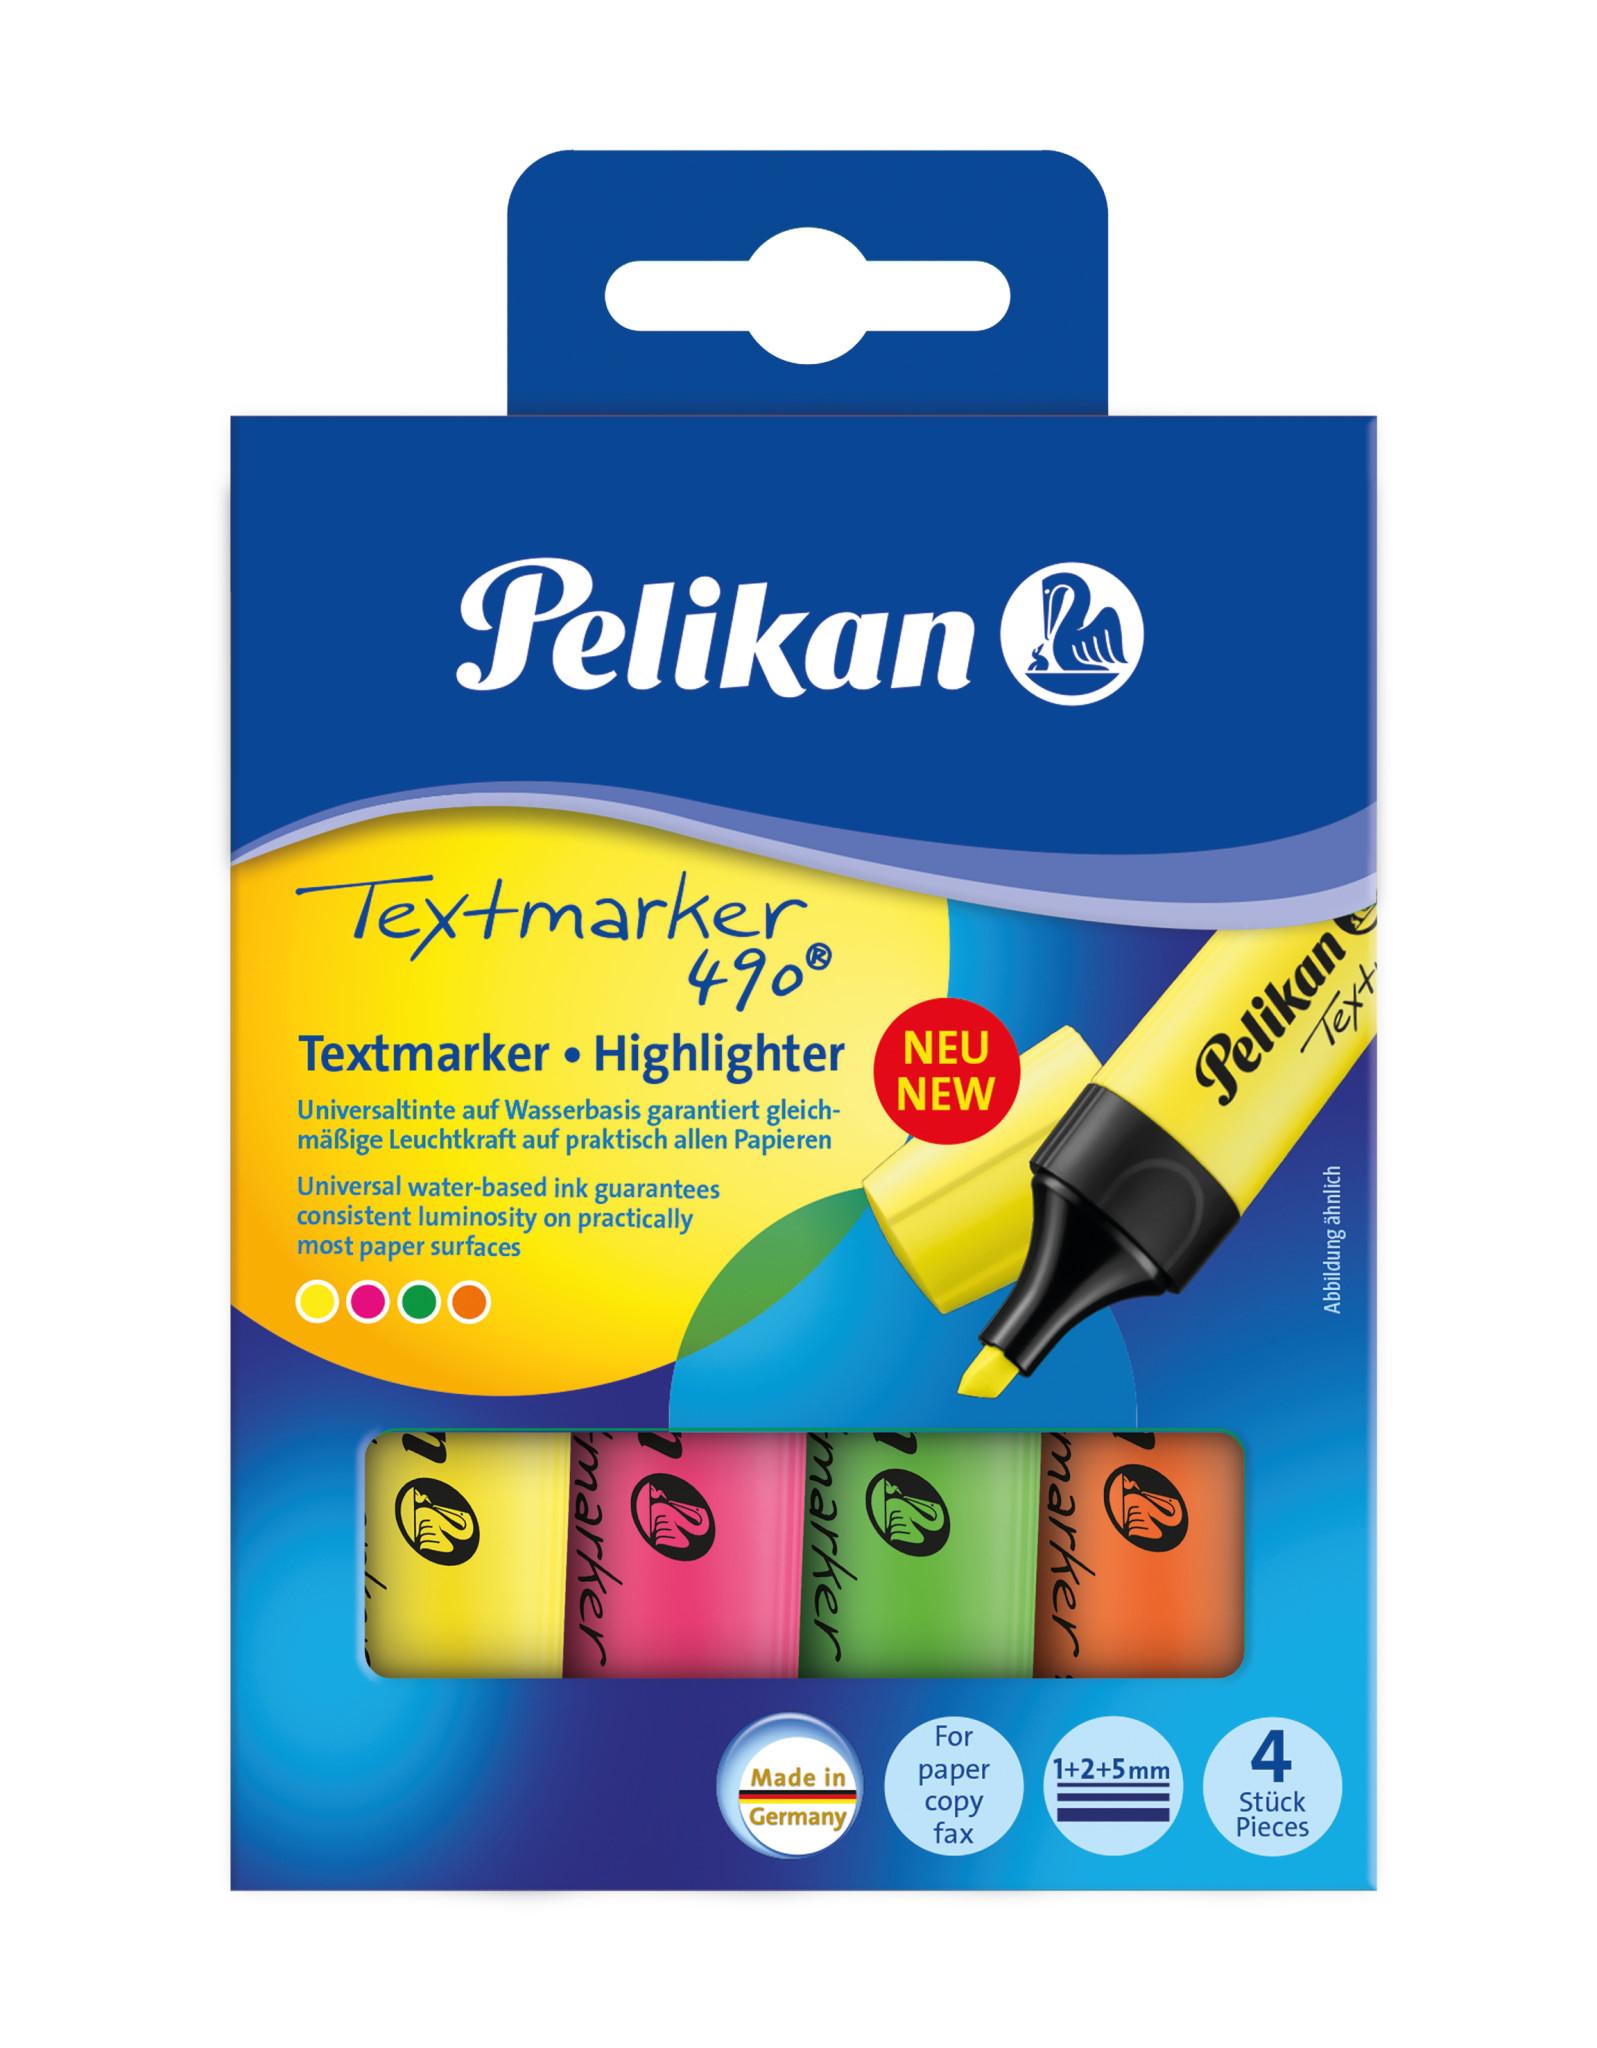 Vorschau: Pelikan Textmarker 490 - 4 Stück(e) - Grün - Orange - Pink - Gelb - Multi - Tinte auf Wasserbasis - Box